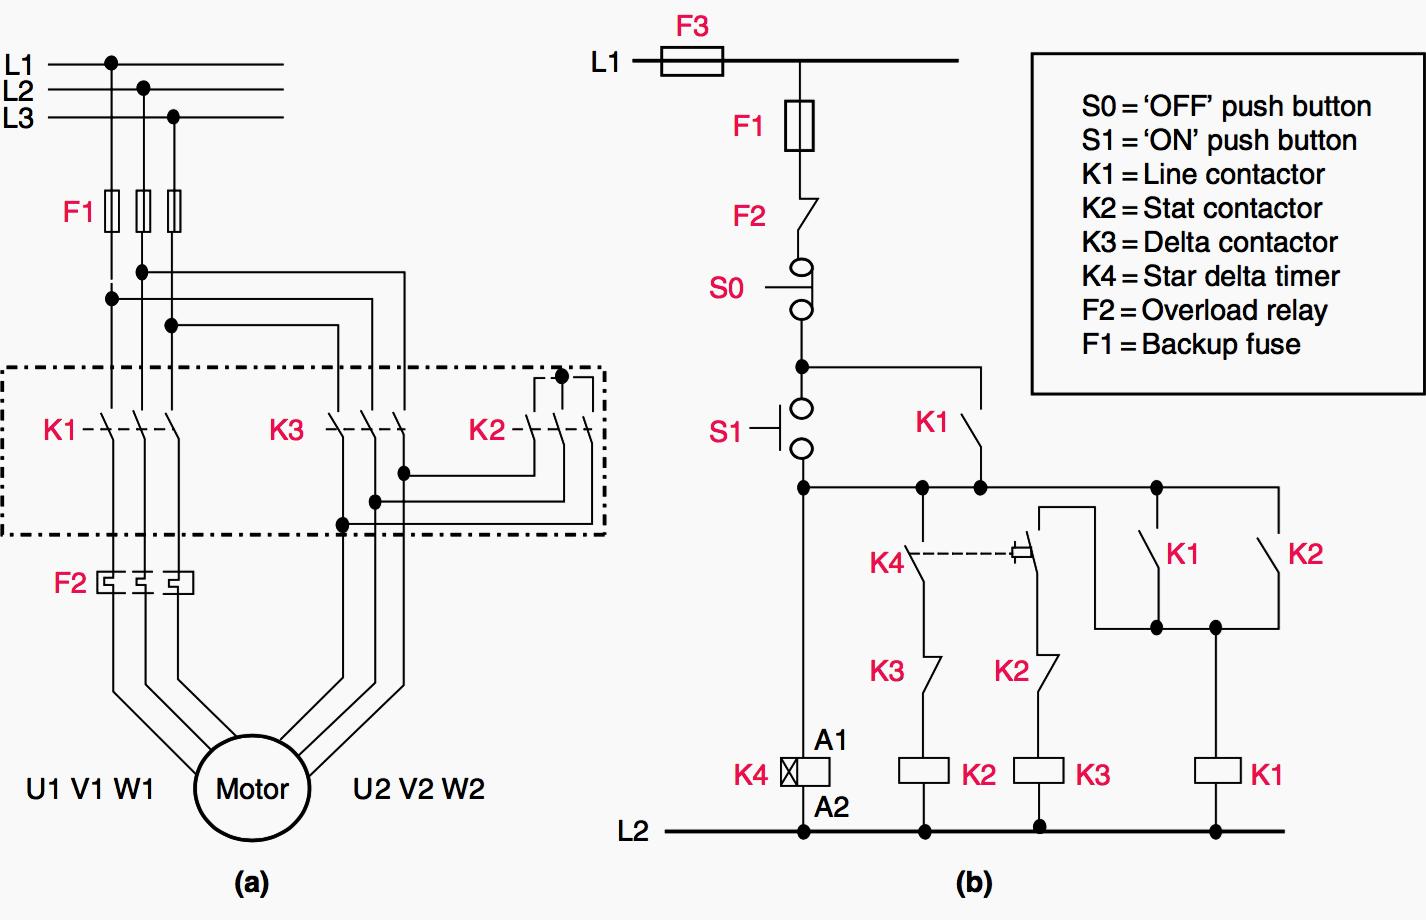 Kicker Solo Baric L7 Wire Diagram